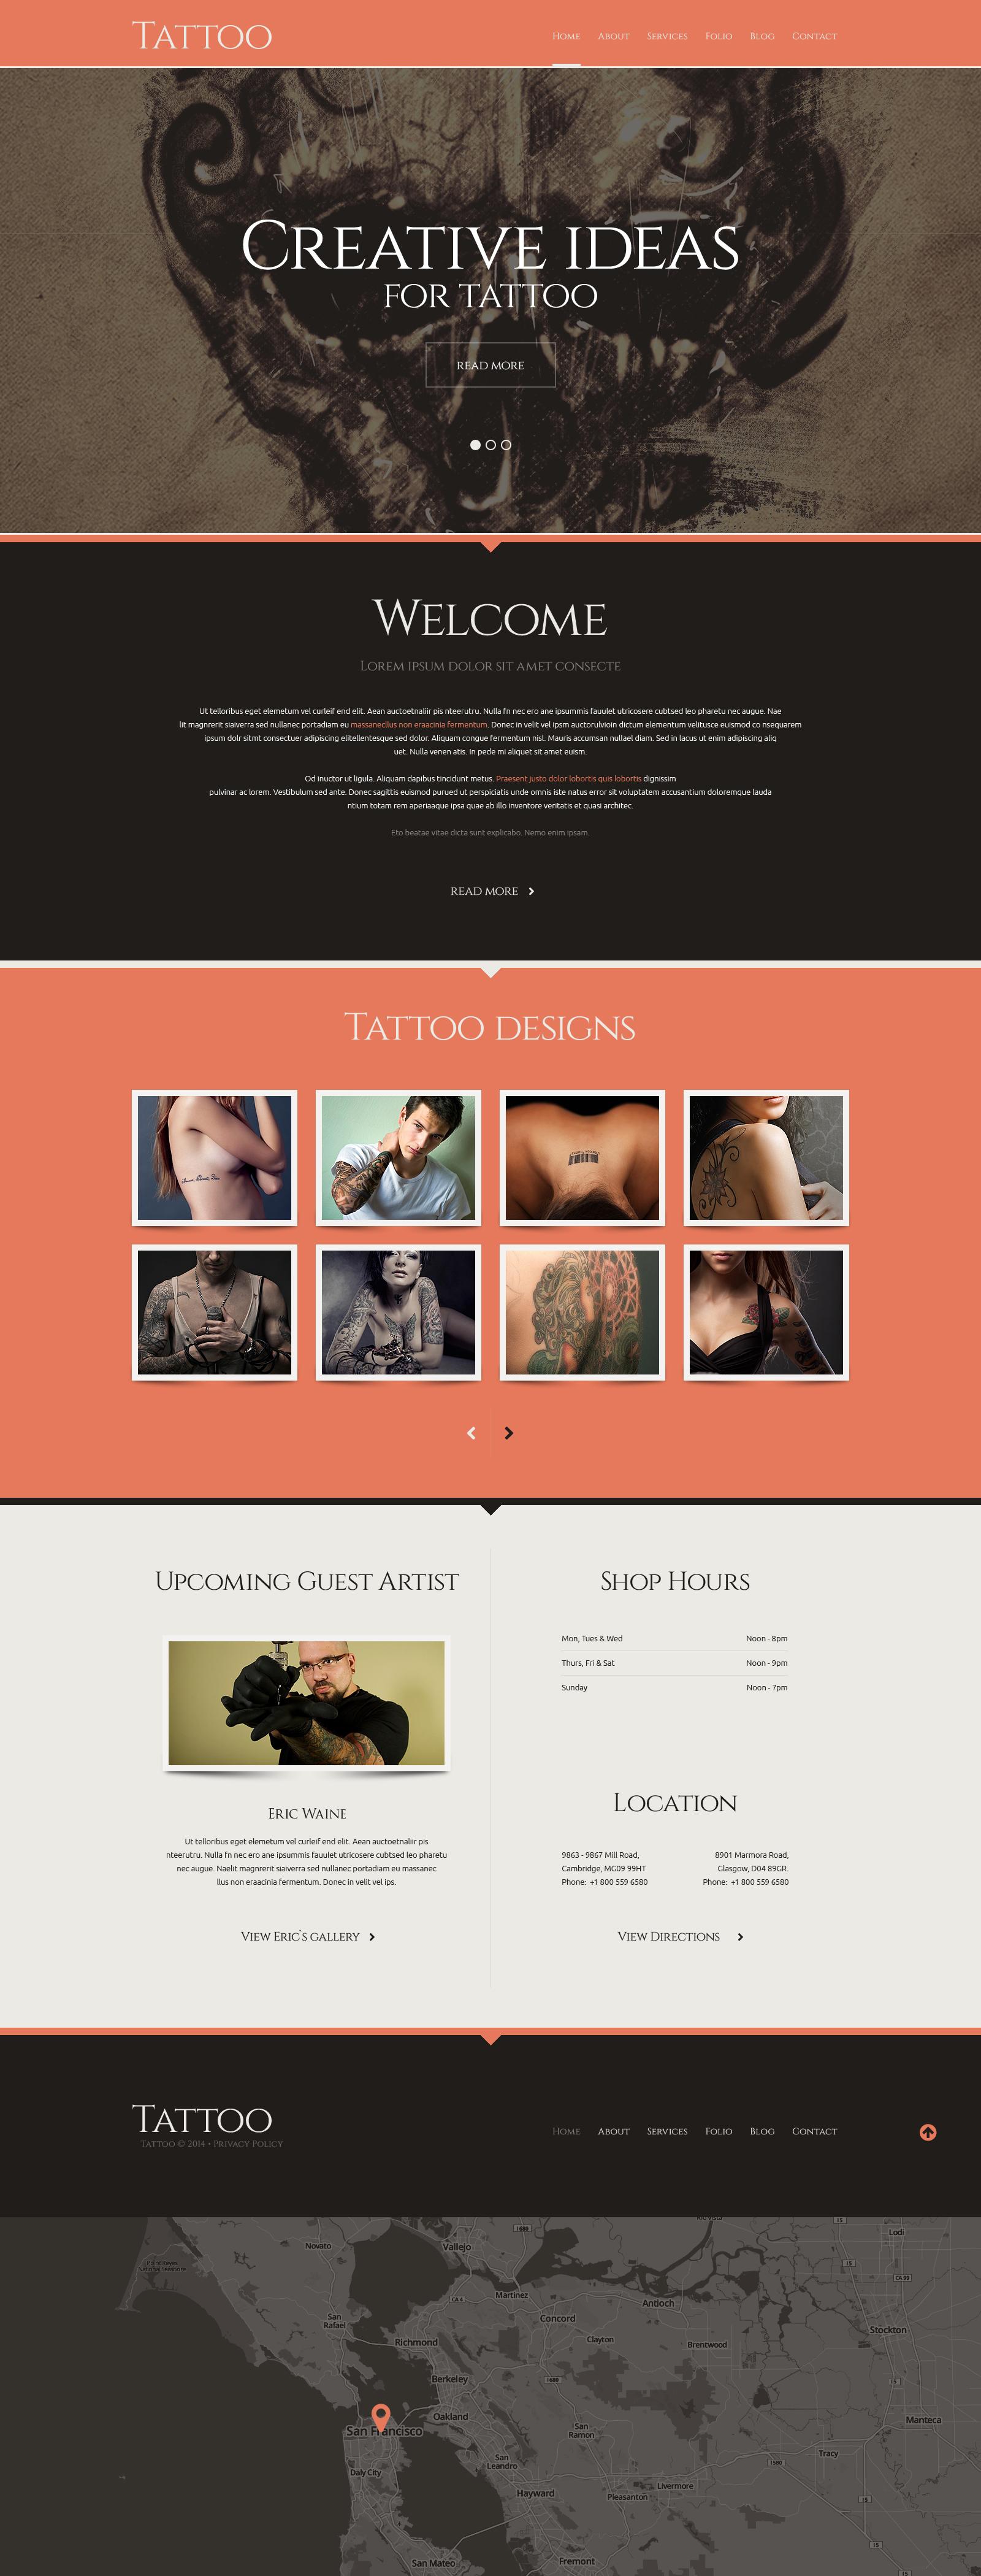 Reszponzív Tetováló szalon WordPress sablon 48523 - képernyőkép